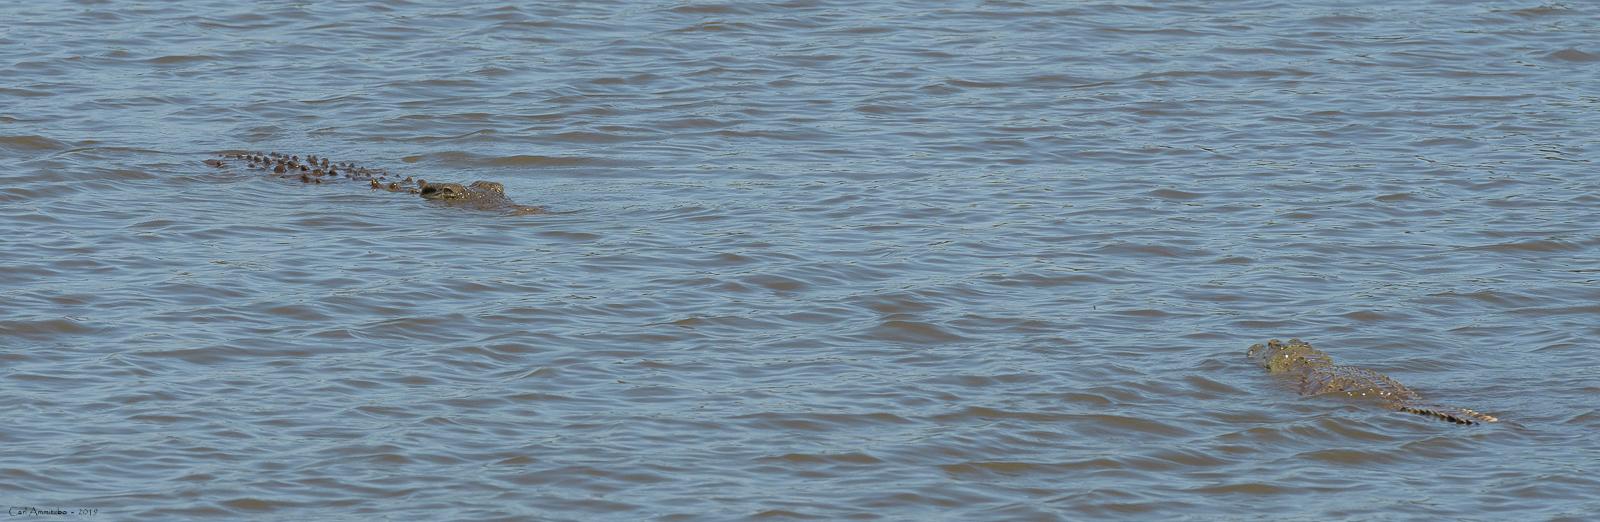 07 - 0221 - Krokodille - 01 - Kruger